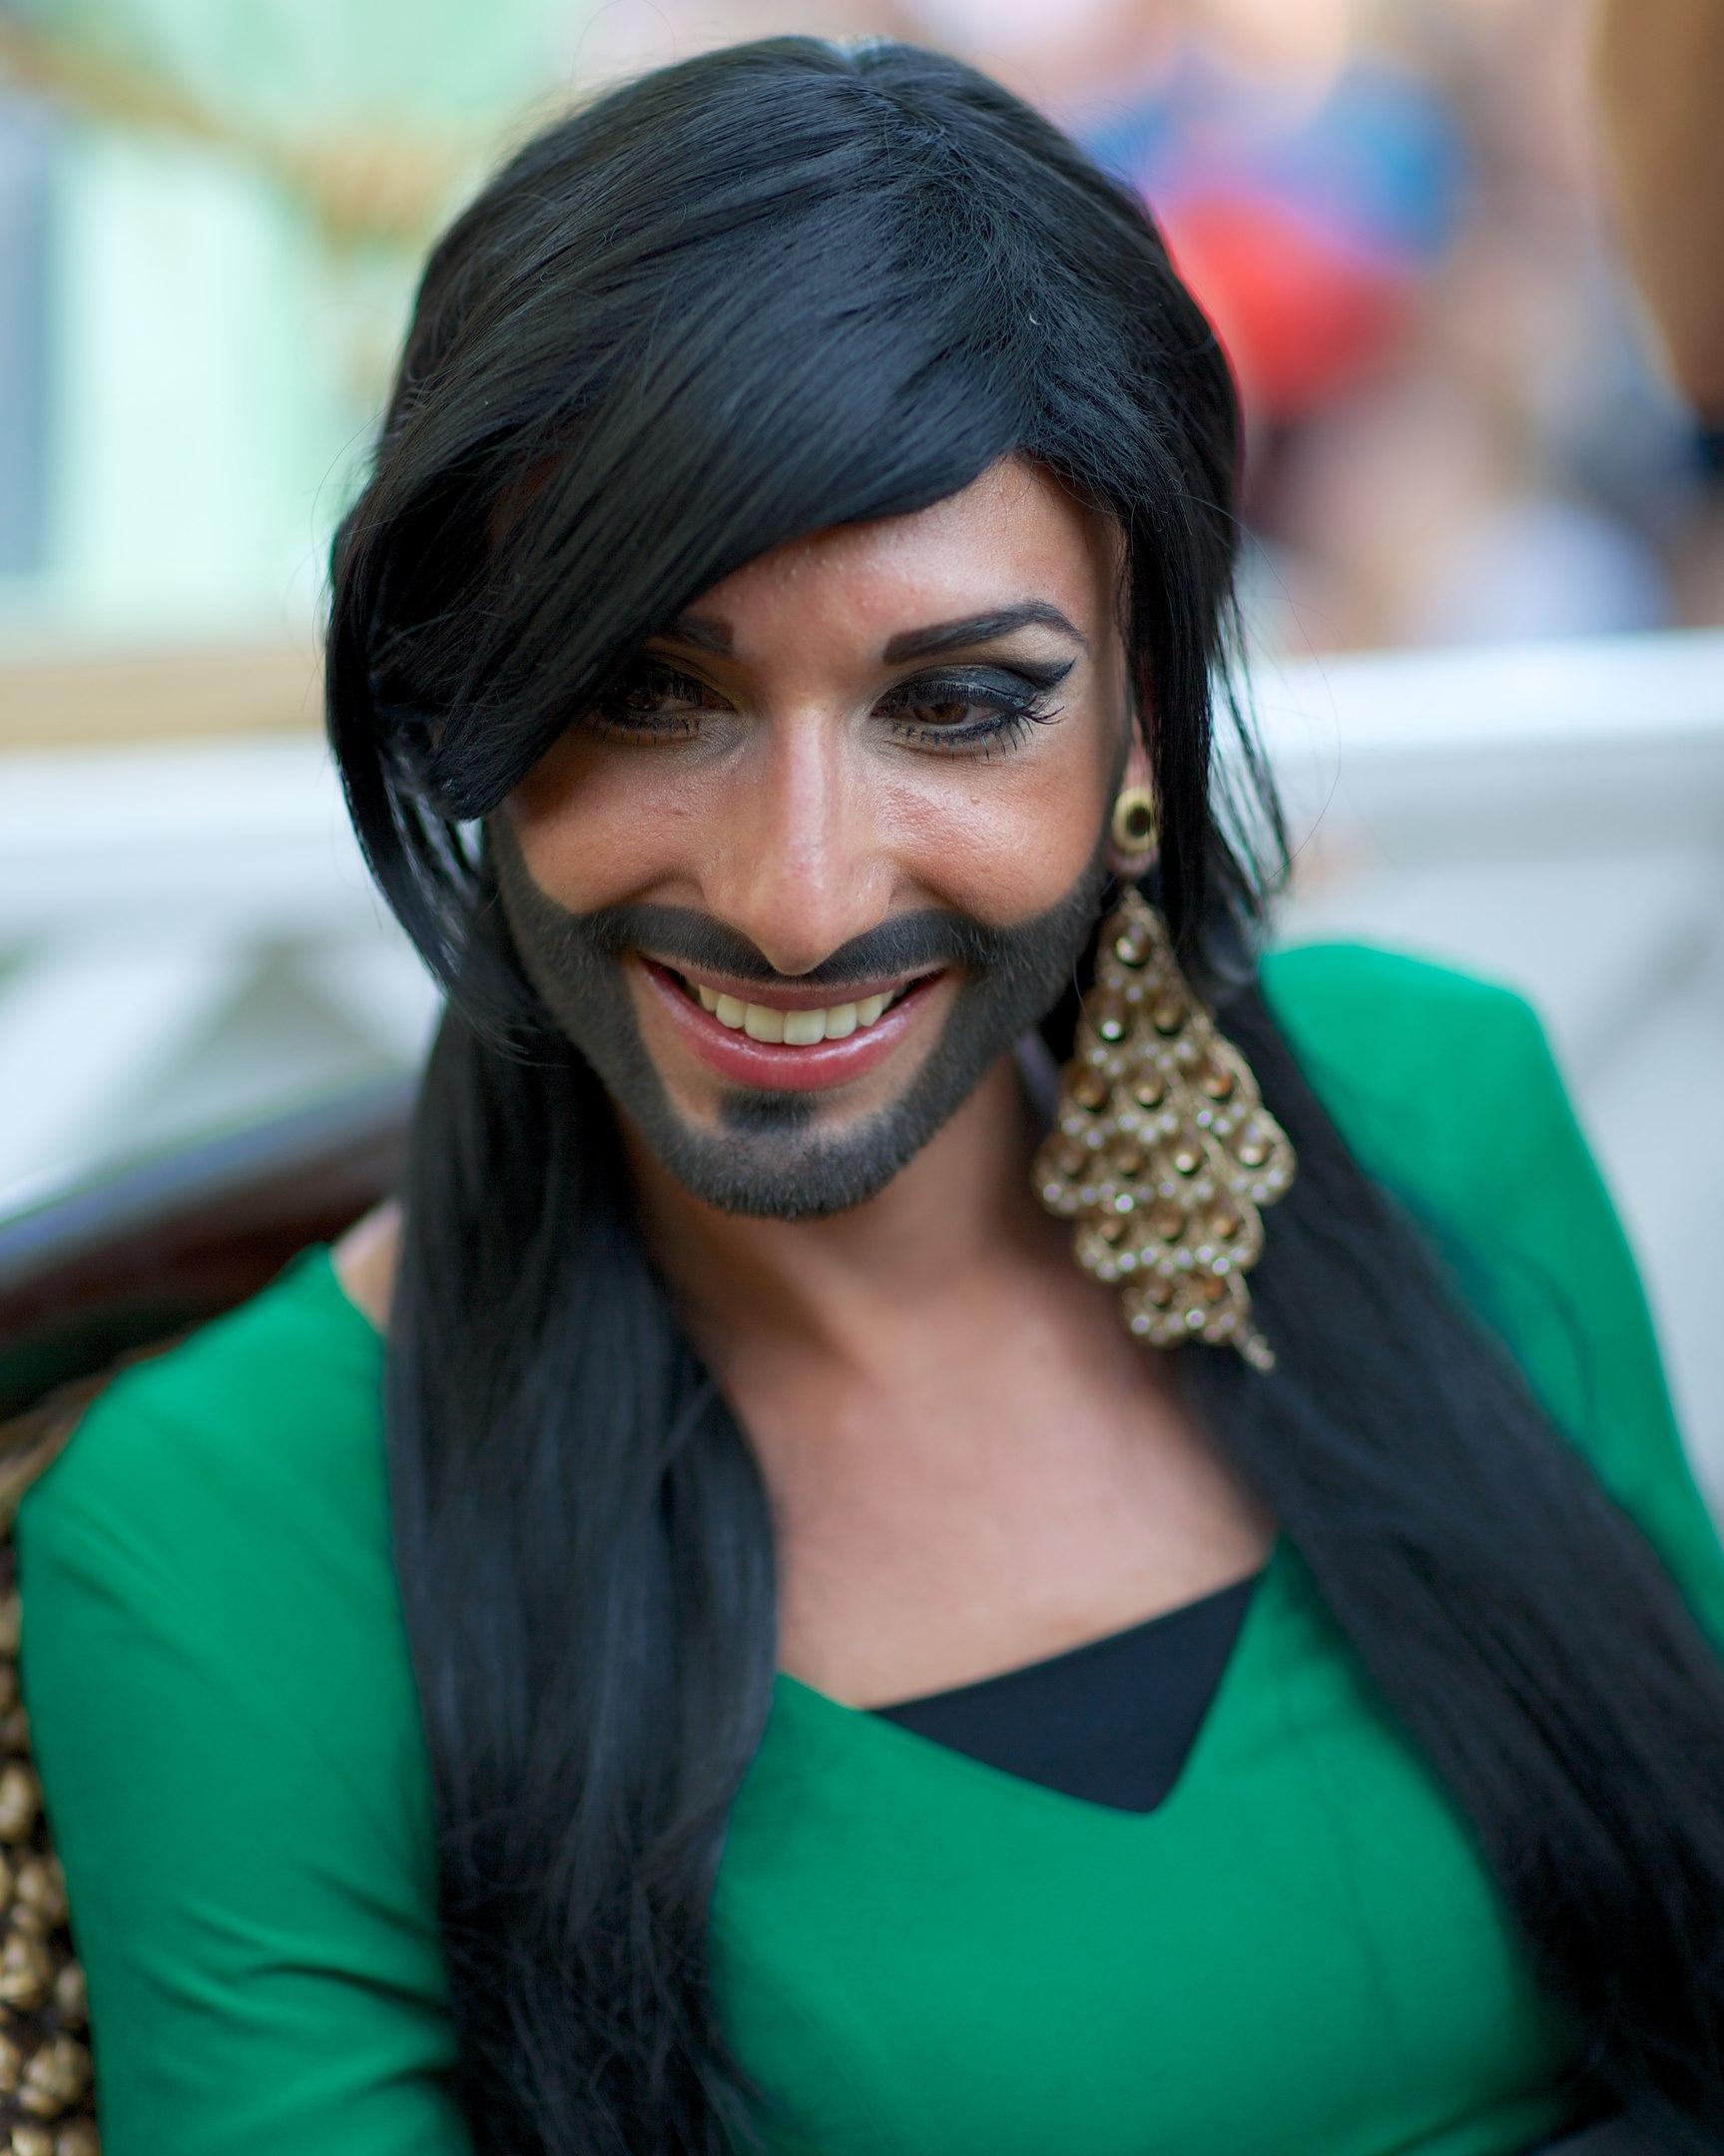 Всякий случай иван трансвестит получил сильнейший